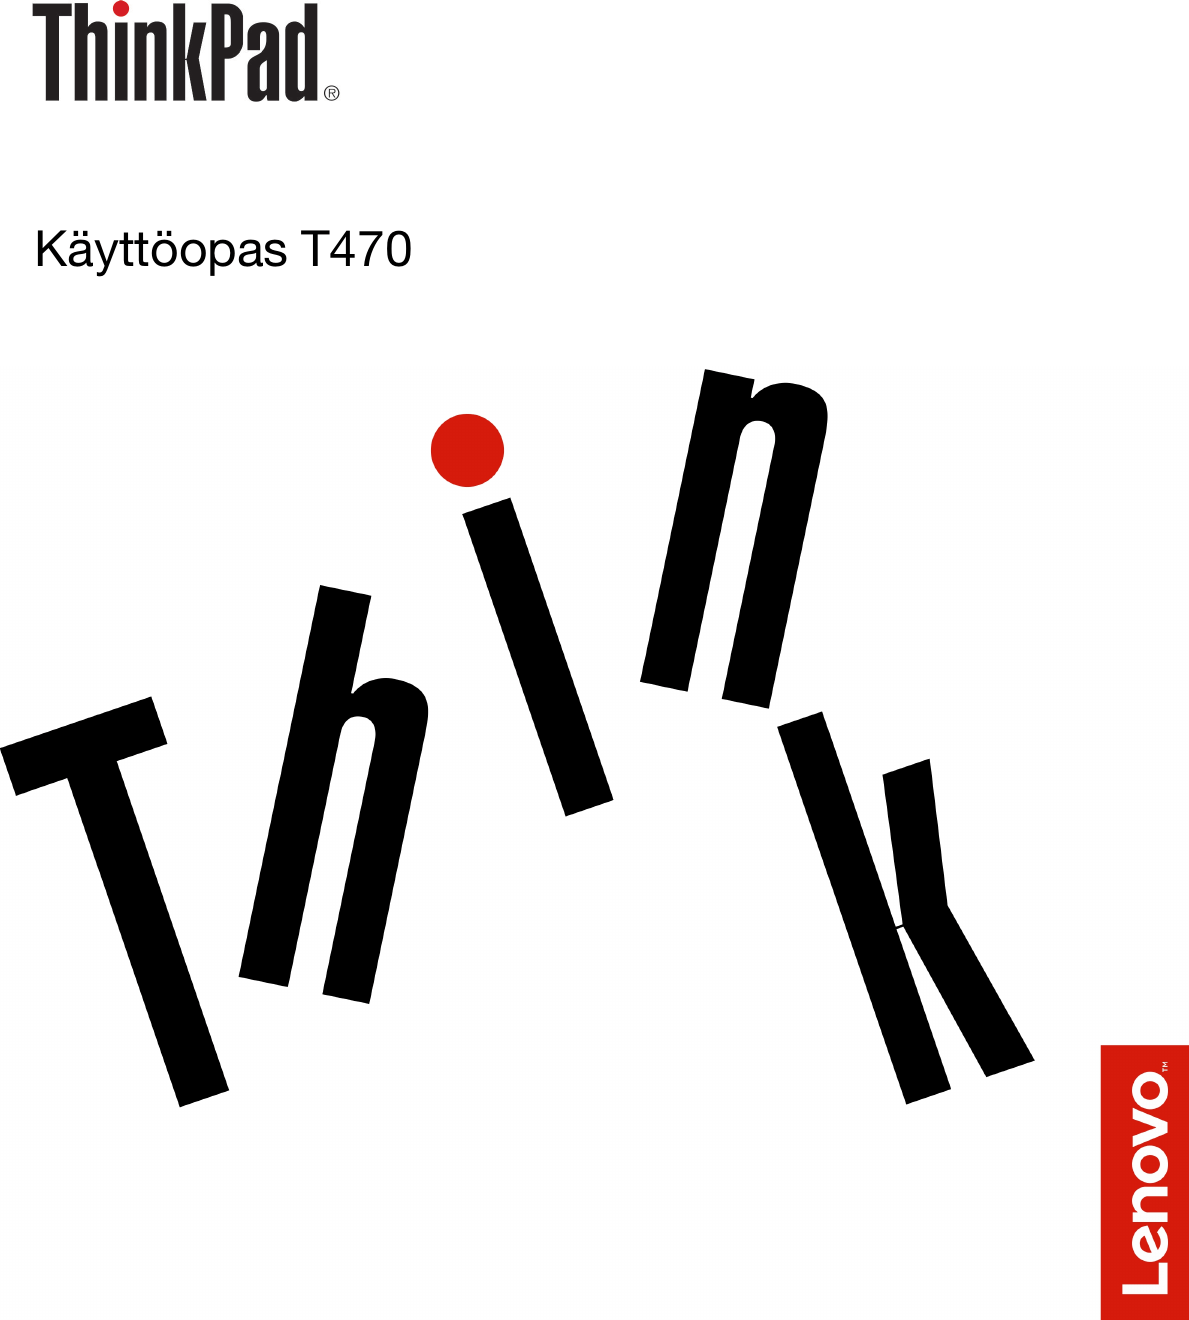 Lenovo T470 Ug Fi Käyttöopas User Manual (Finnish) Guide